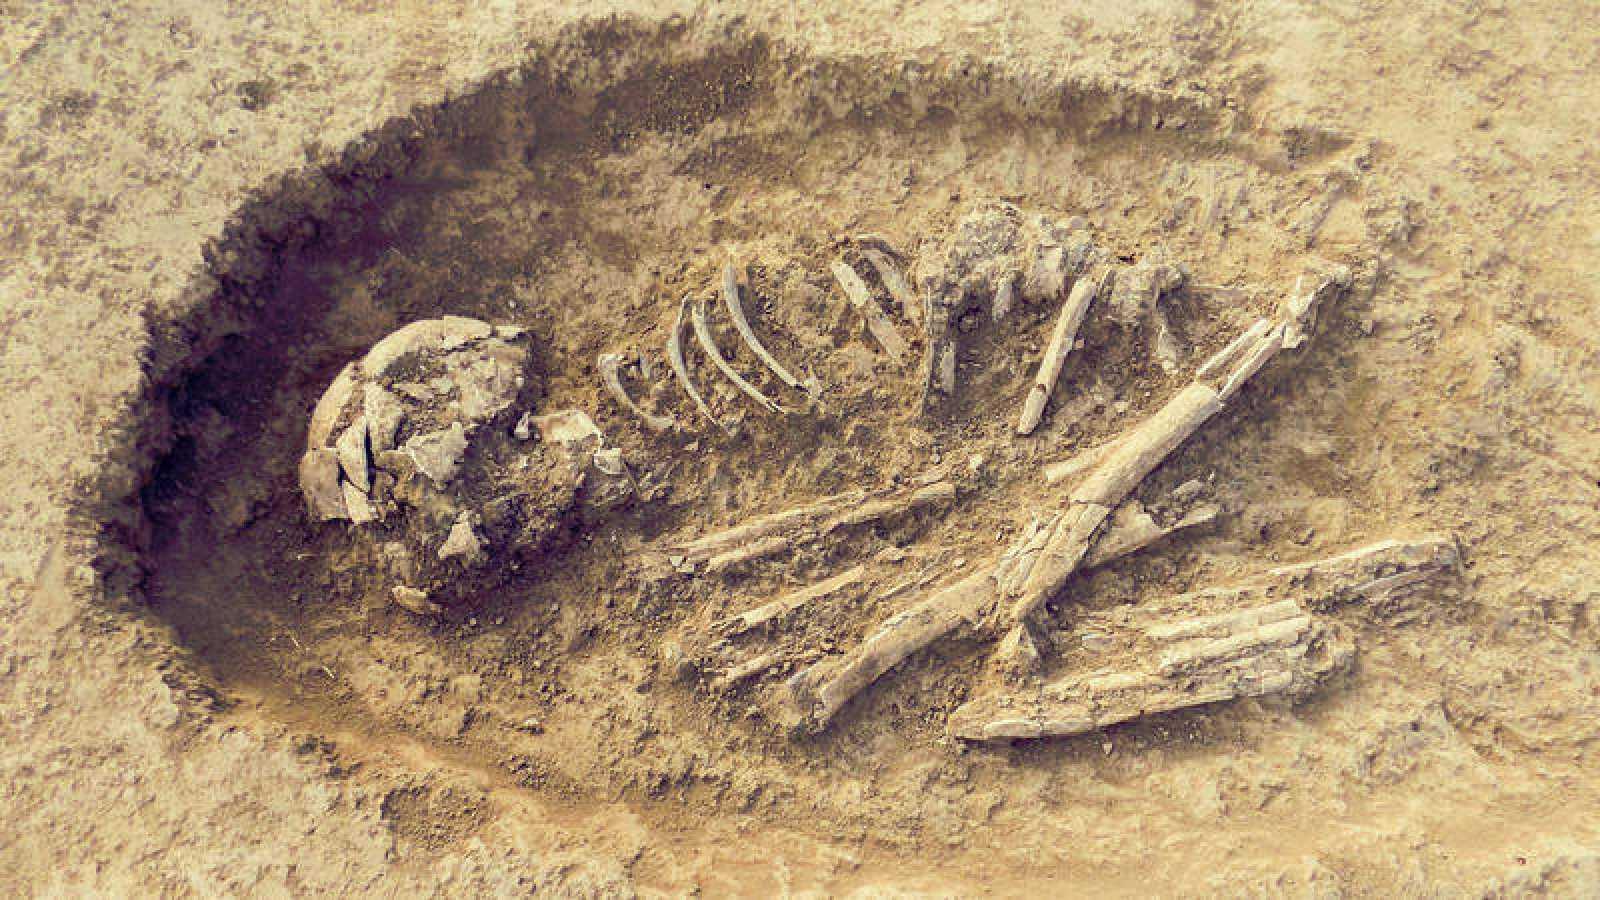 Normalmente, cuando se recuperan fósiles humanos aislados en los yacimientos es muy difícil asignarles el sexo.